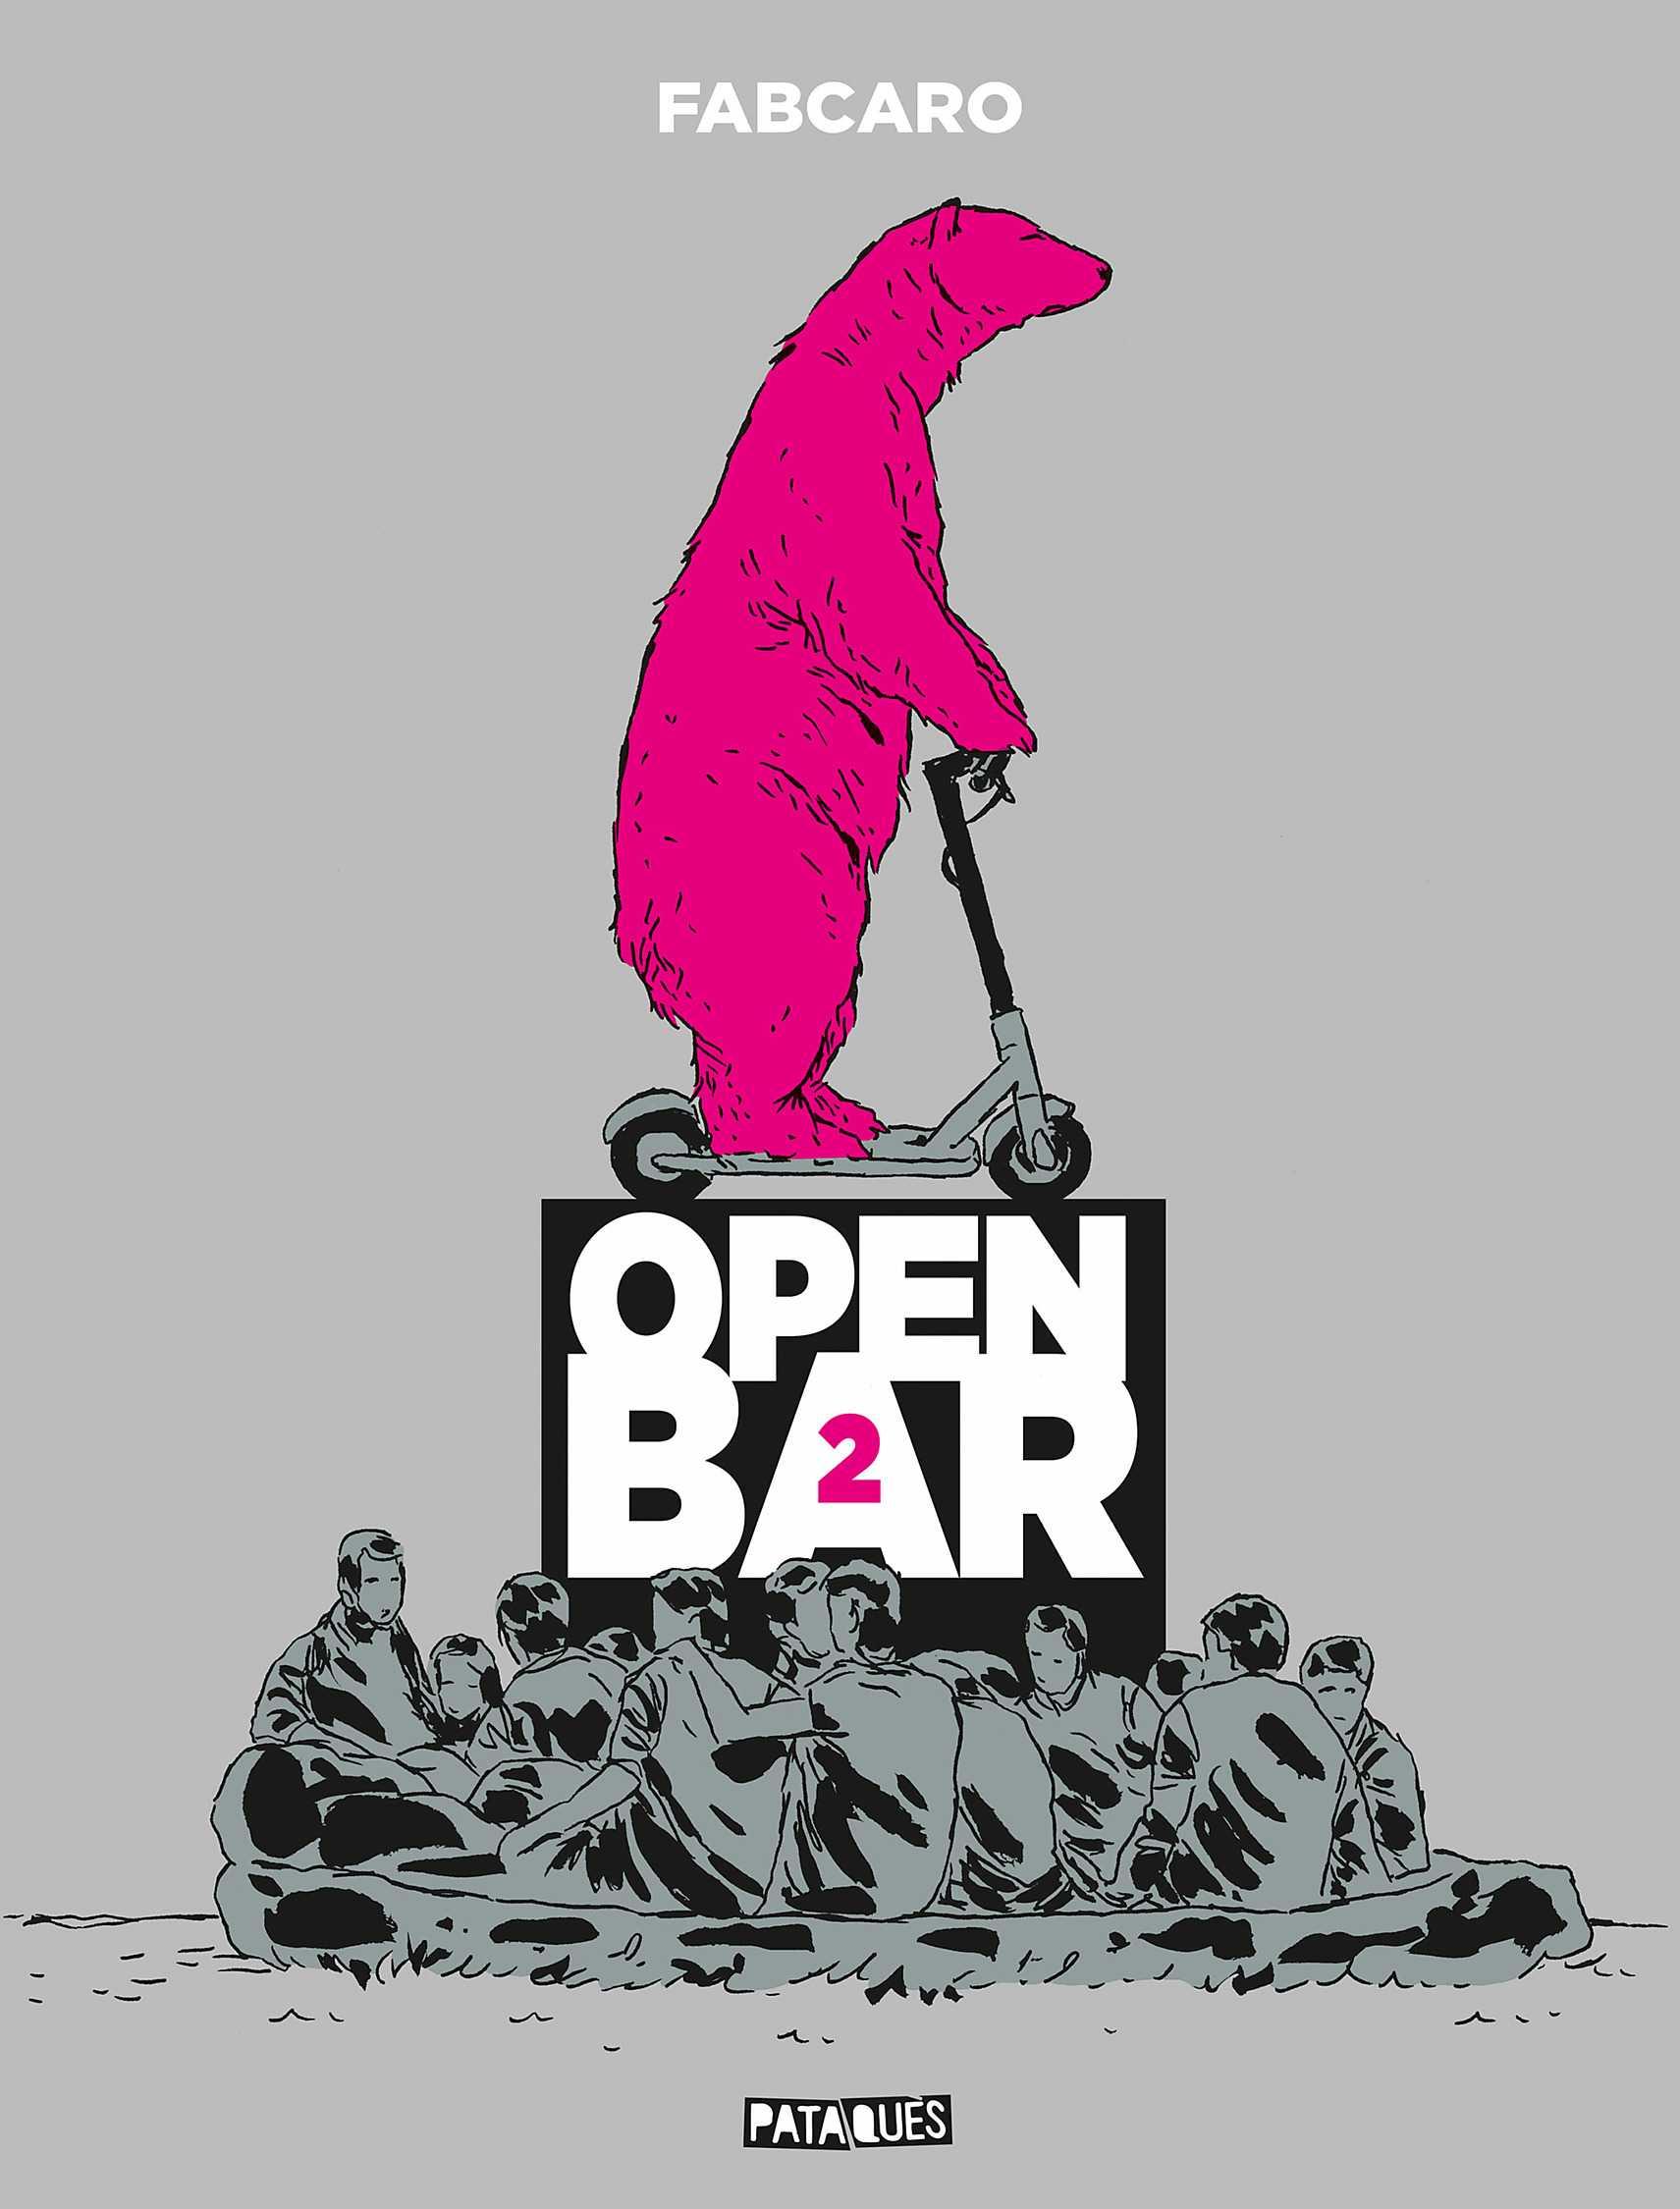 Open Bar 2e tournée, sidérant Fabcaro